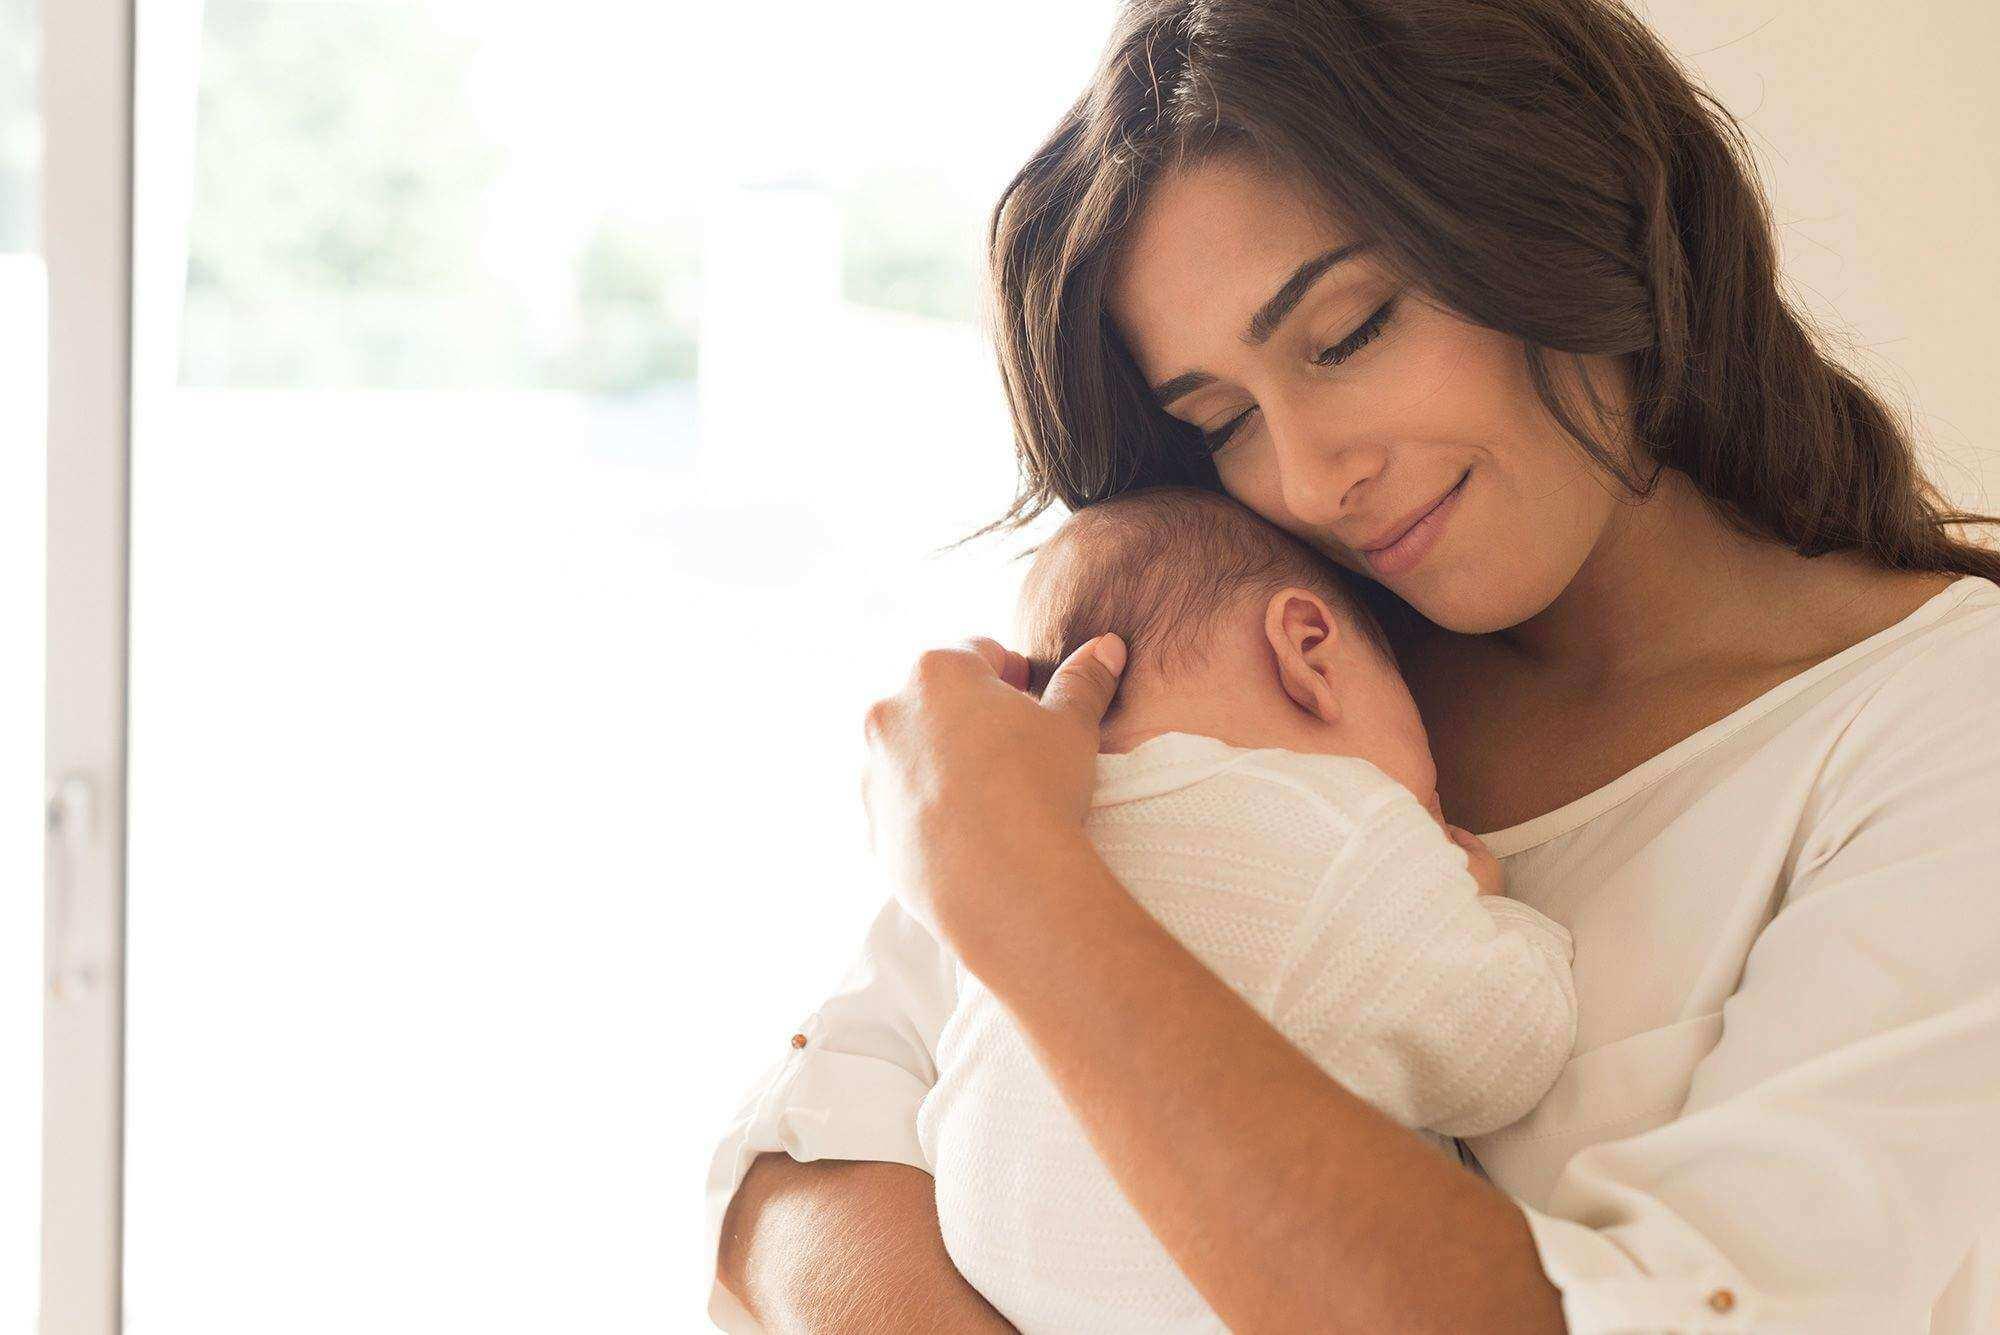 5 mẹo nuôi dạy con đã lỗi thời, mẹ hiện đại đừng lặp lại nhé! 7